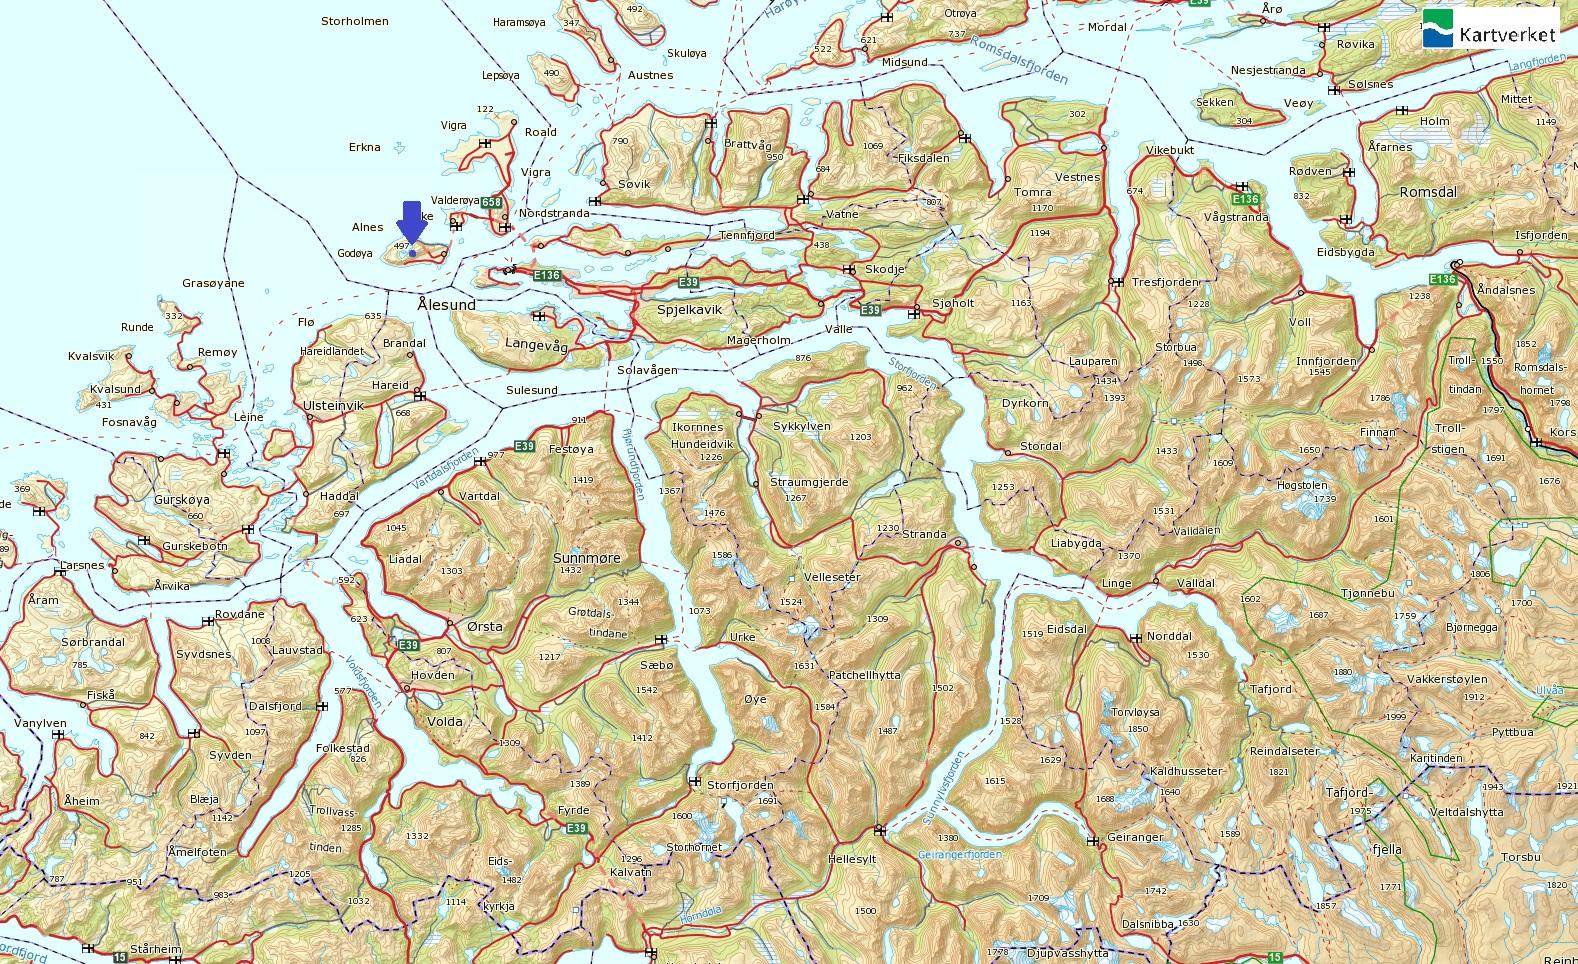 kart over søre sunnmøre Storhornet, Godøyfjellet fra Gjuv kart over søre sunnmøre